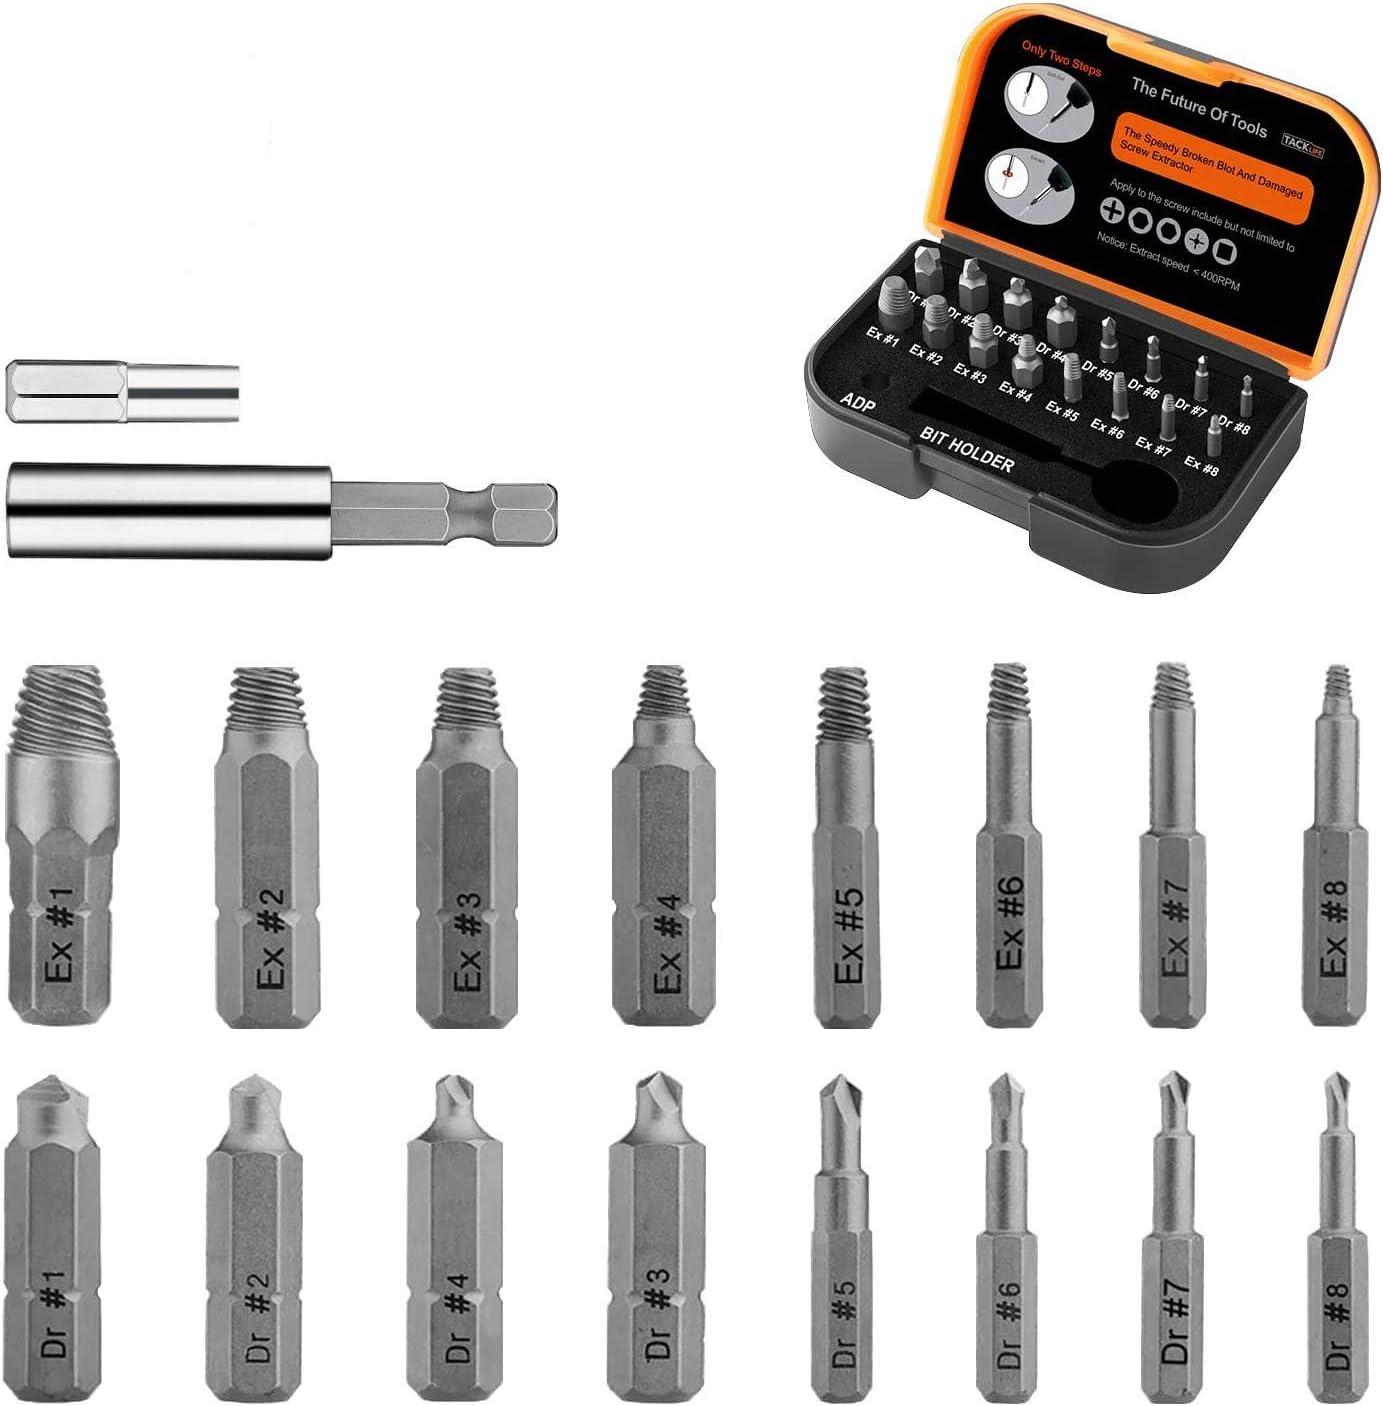 TACKLIFE 18PCS Extractor de Tornillos, Brazo Extensor para Broca Magnetizado y Adaptador para Tornillos y Pernos Dañados Desde 2mm hasta 12mm, Dureza 62HRC, DSE01